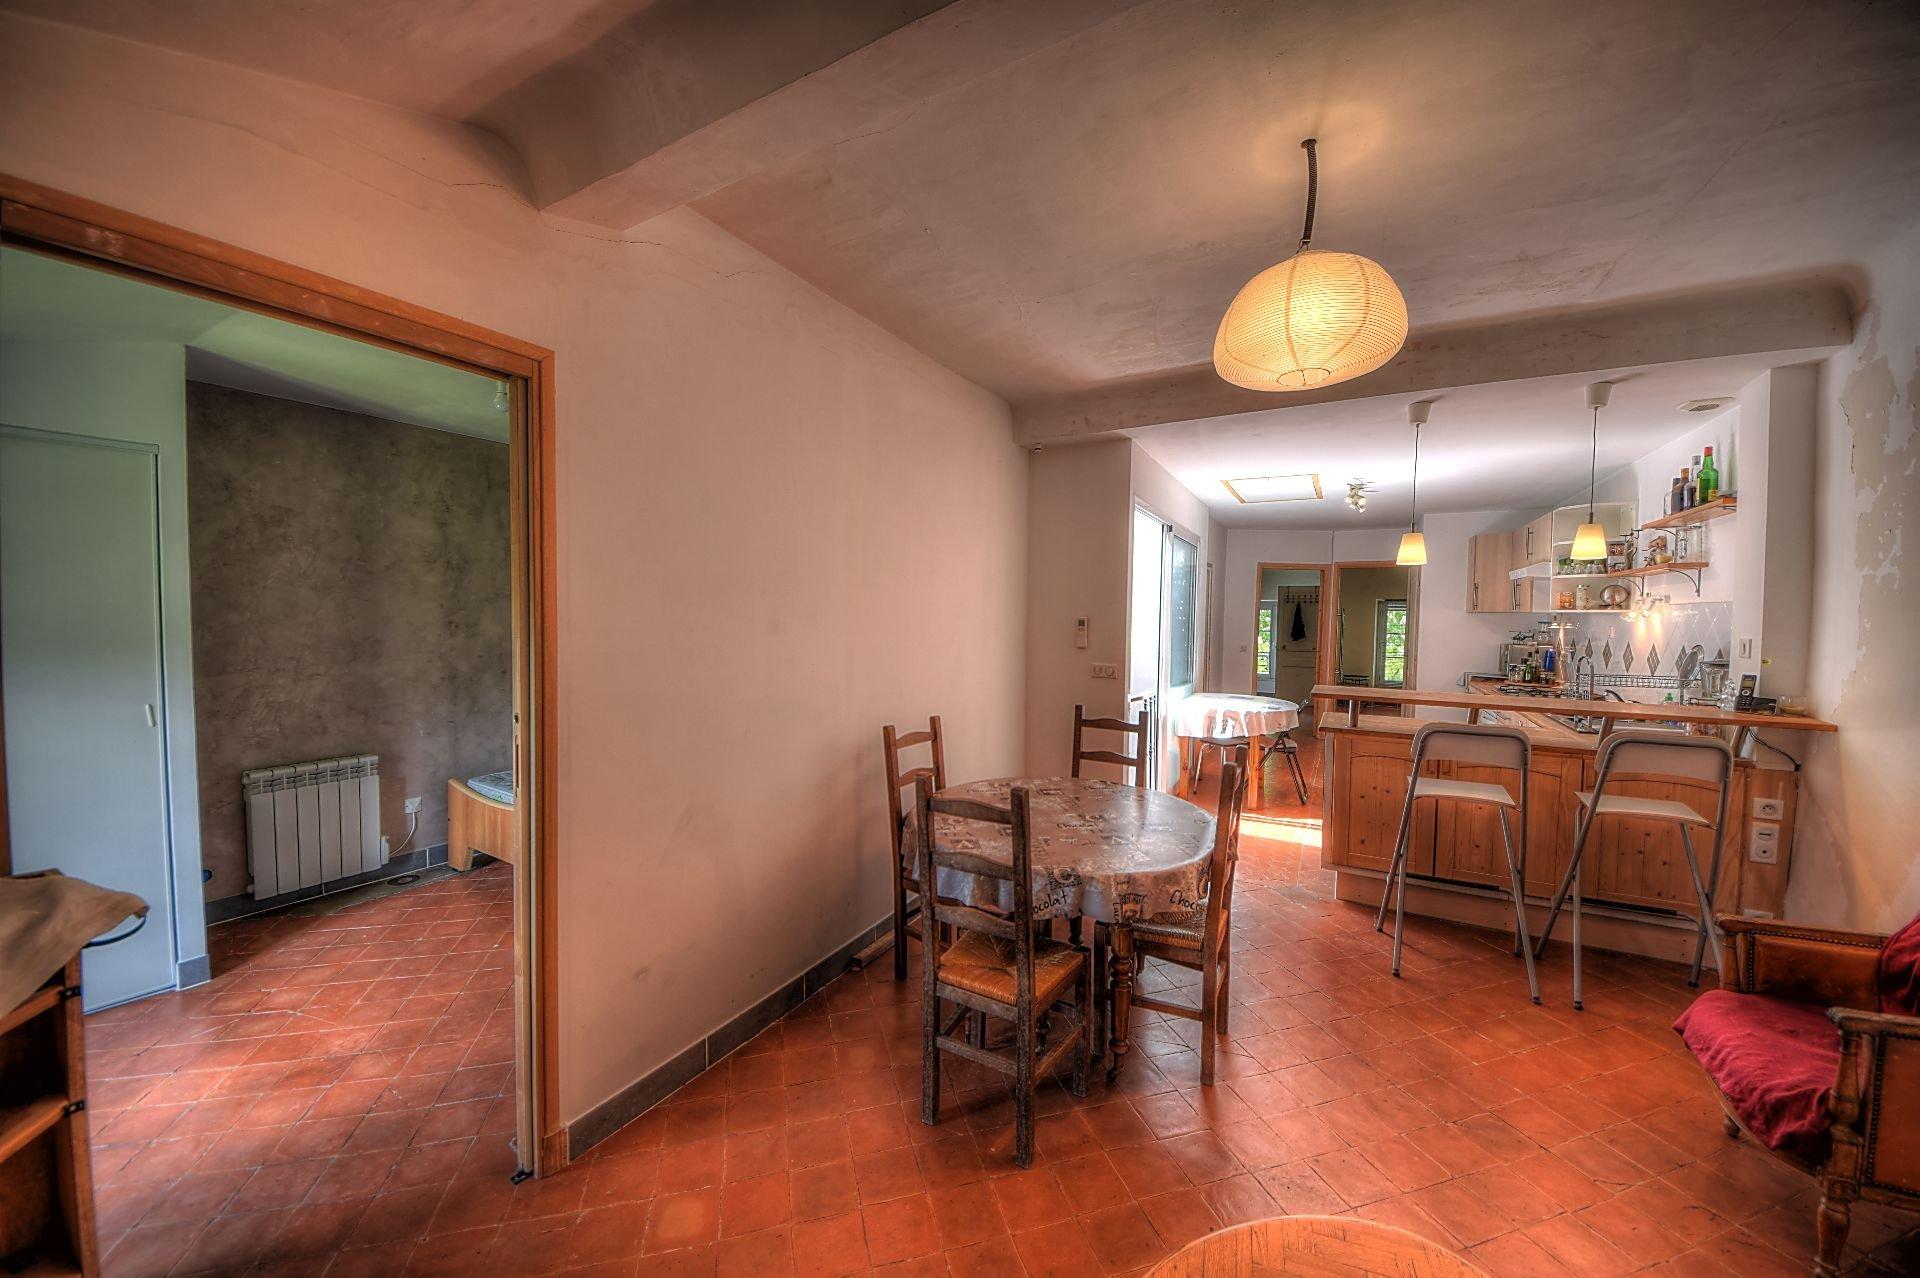 Salle à manger de l'appartement indépendant au 2ème étage